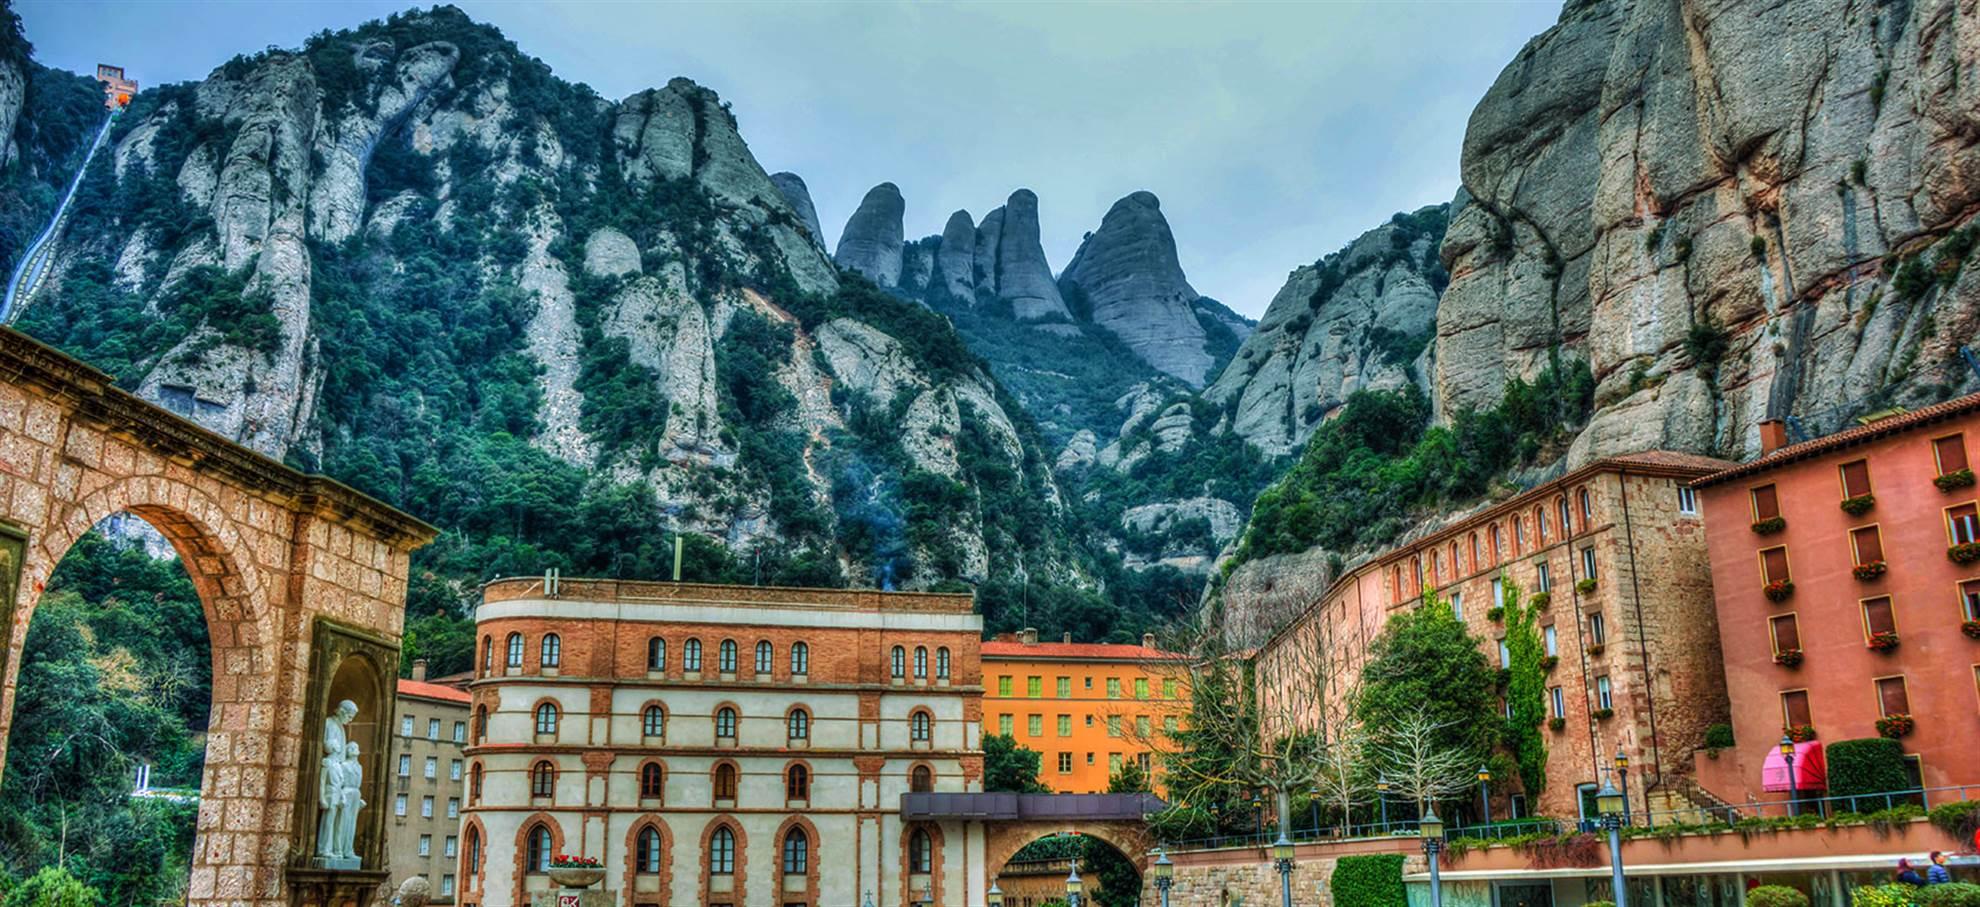 Montserrat e a cripta de Gaudi